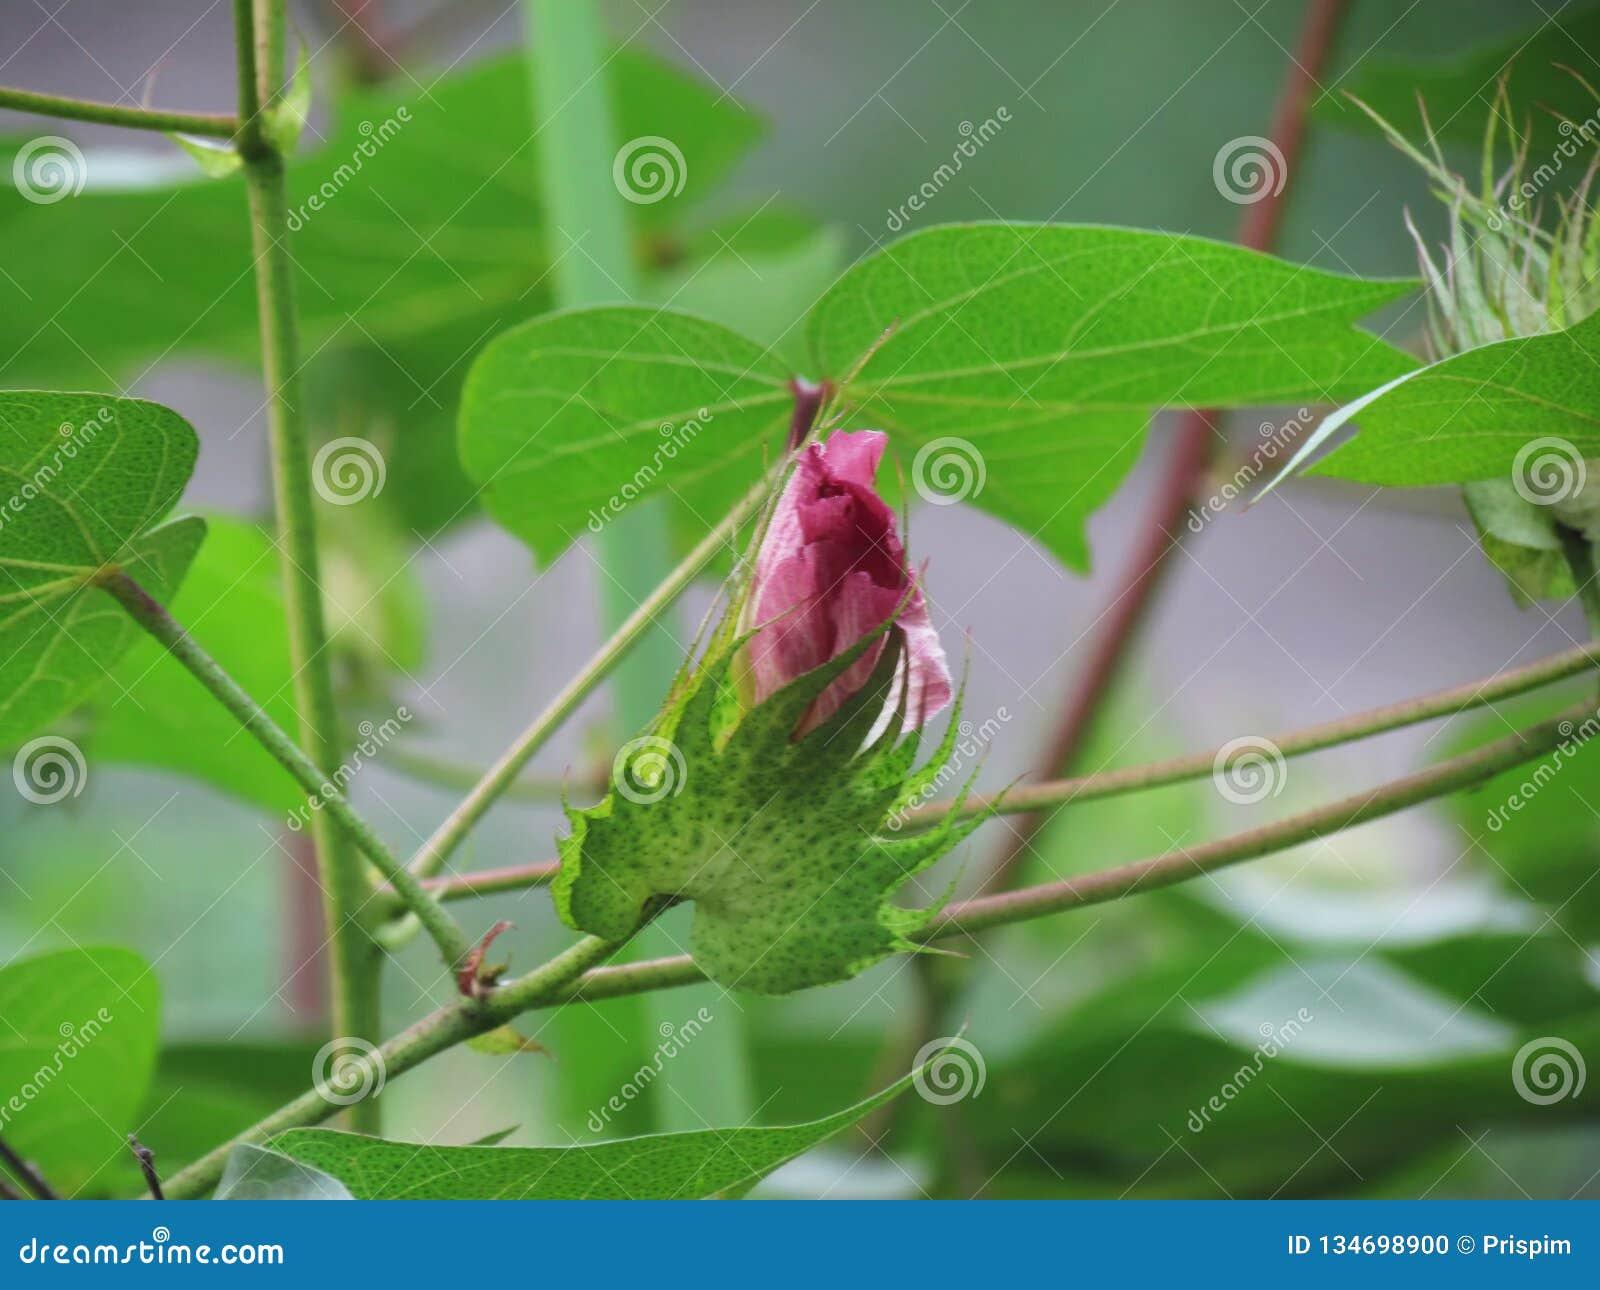 Branche Fleur De Coton arboreum rose doux l de gossypium d'espèces de gossypium d